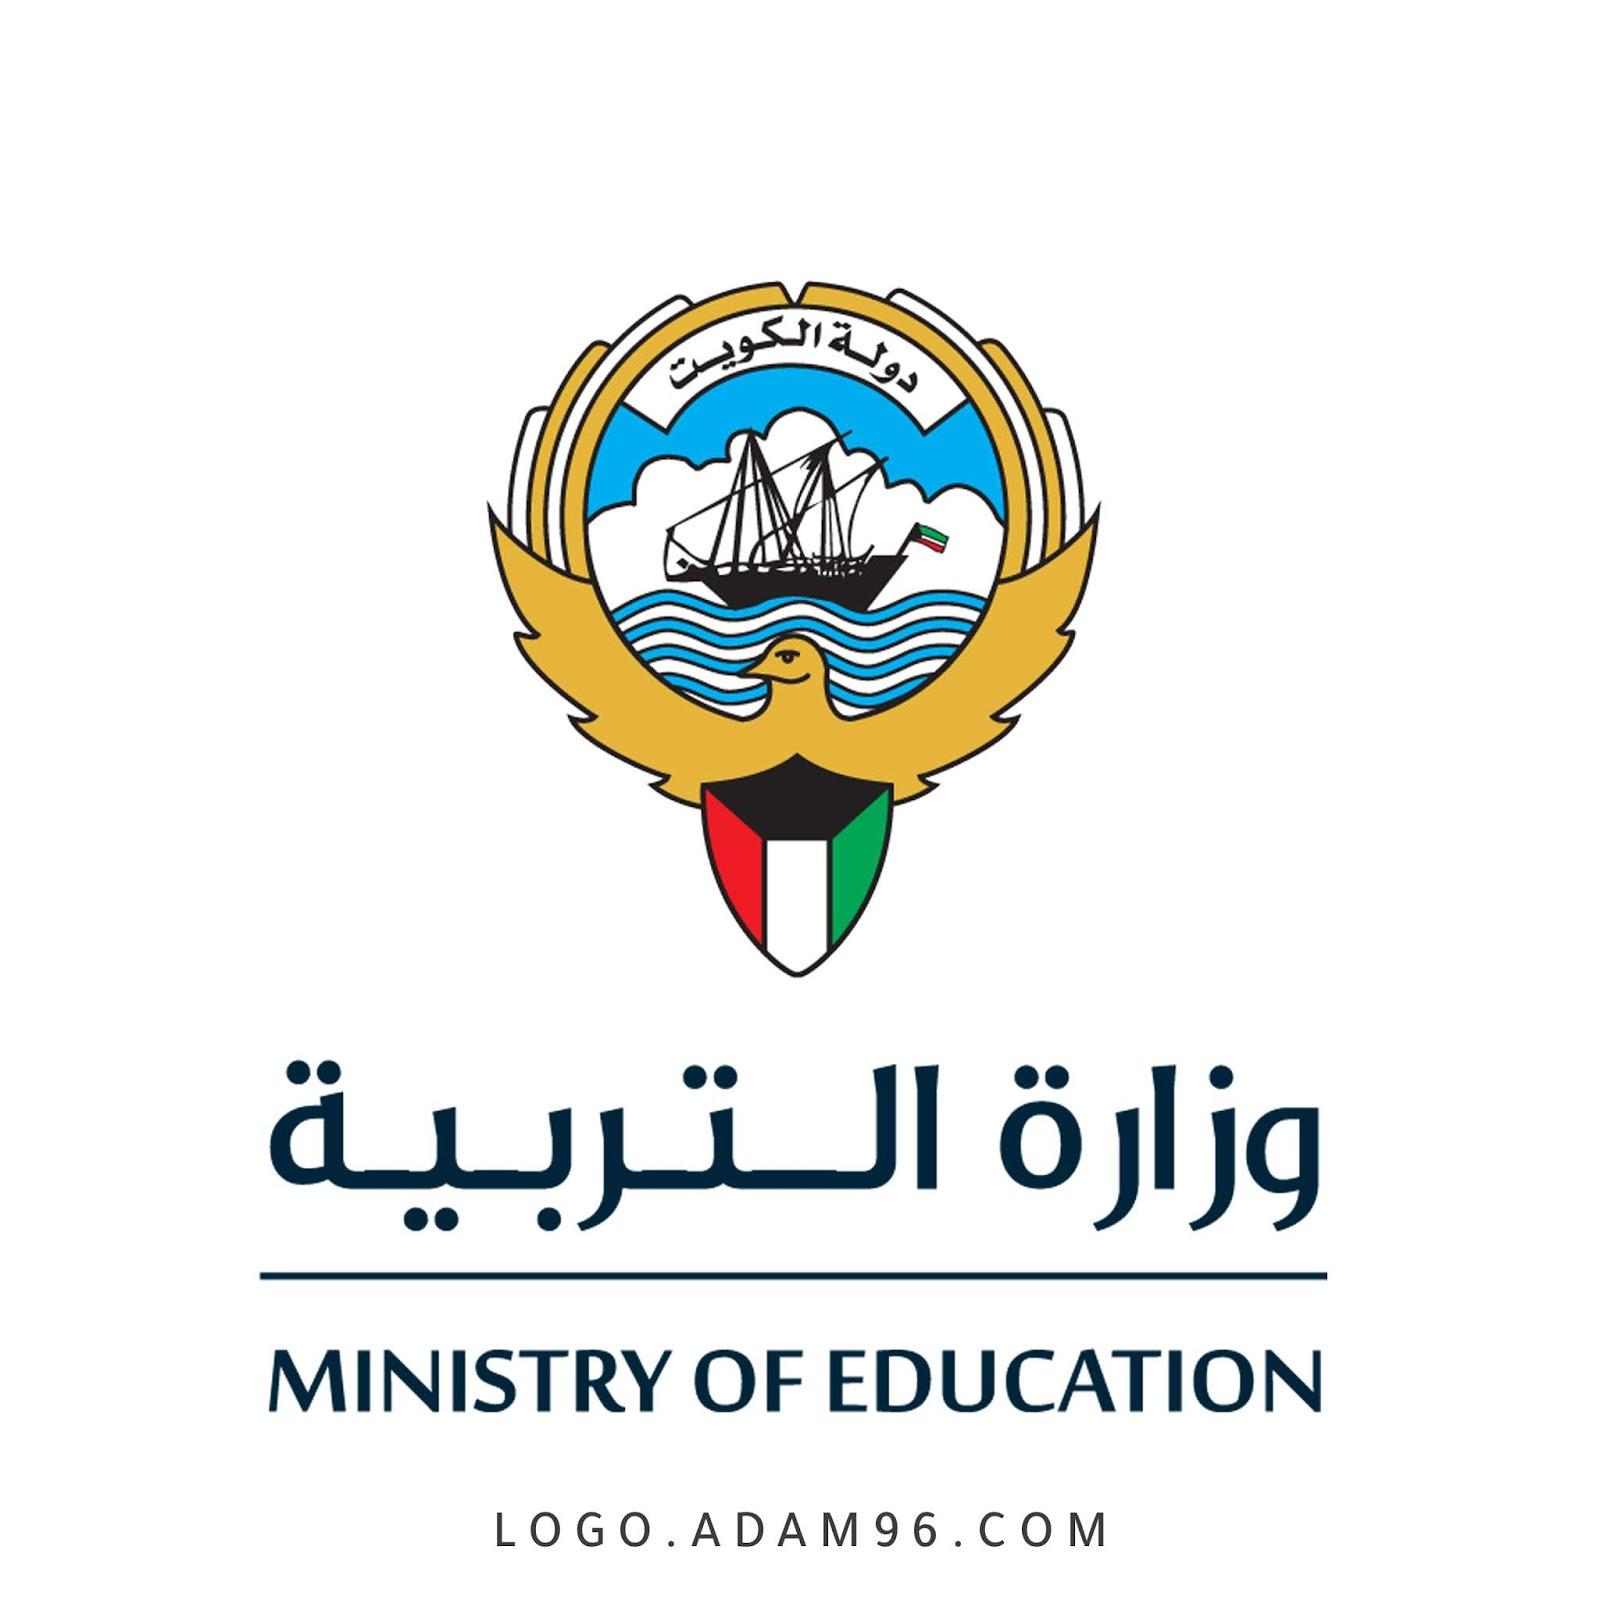 شعار وزارة التربية والتعليم الكويت - MINISTRY OF EDUCATION